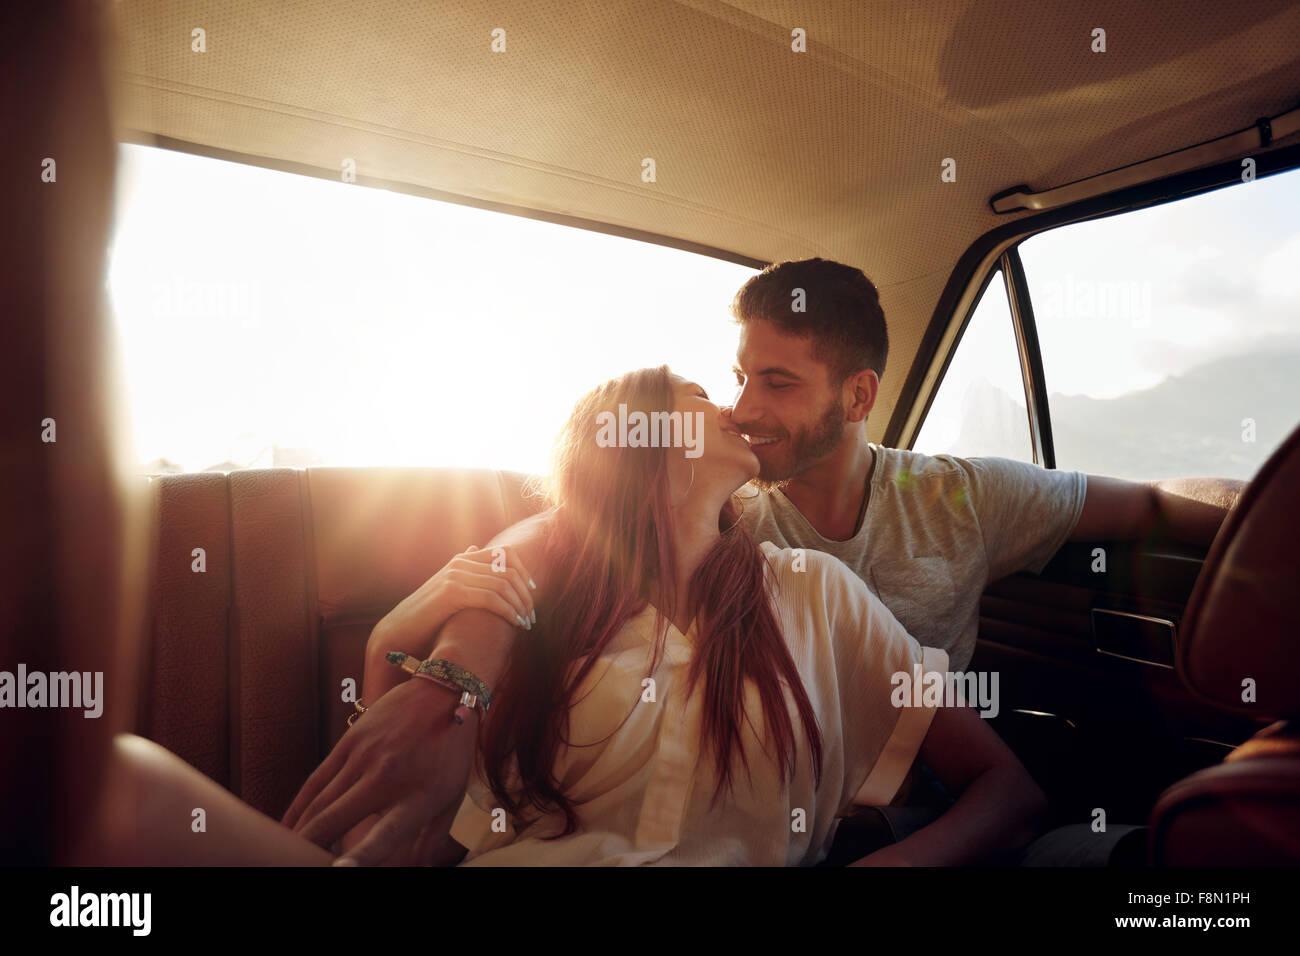 Afectuosa pareja joven sentado en el asiento trasero de un coche. El hombre y la mujer joven en el asiento trasero Imagen De Stock